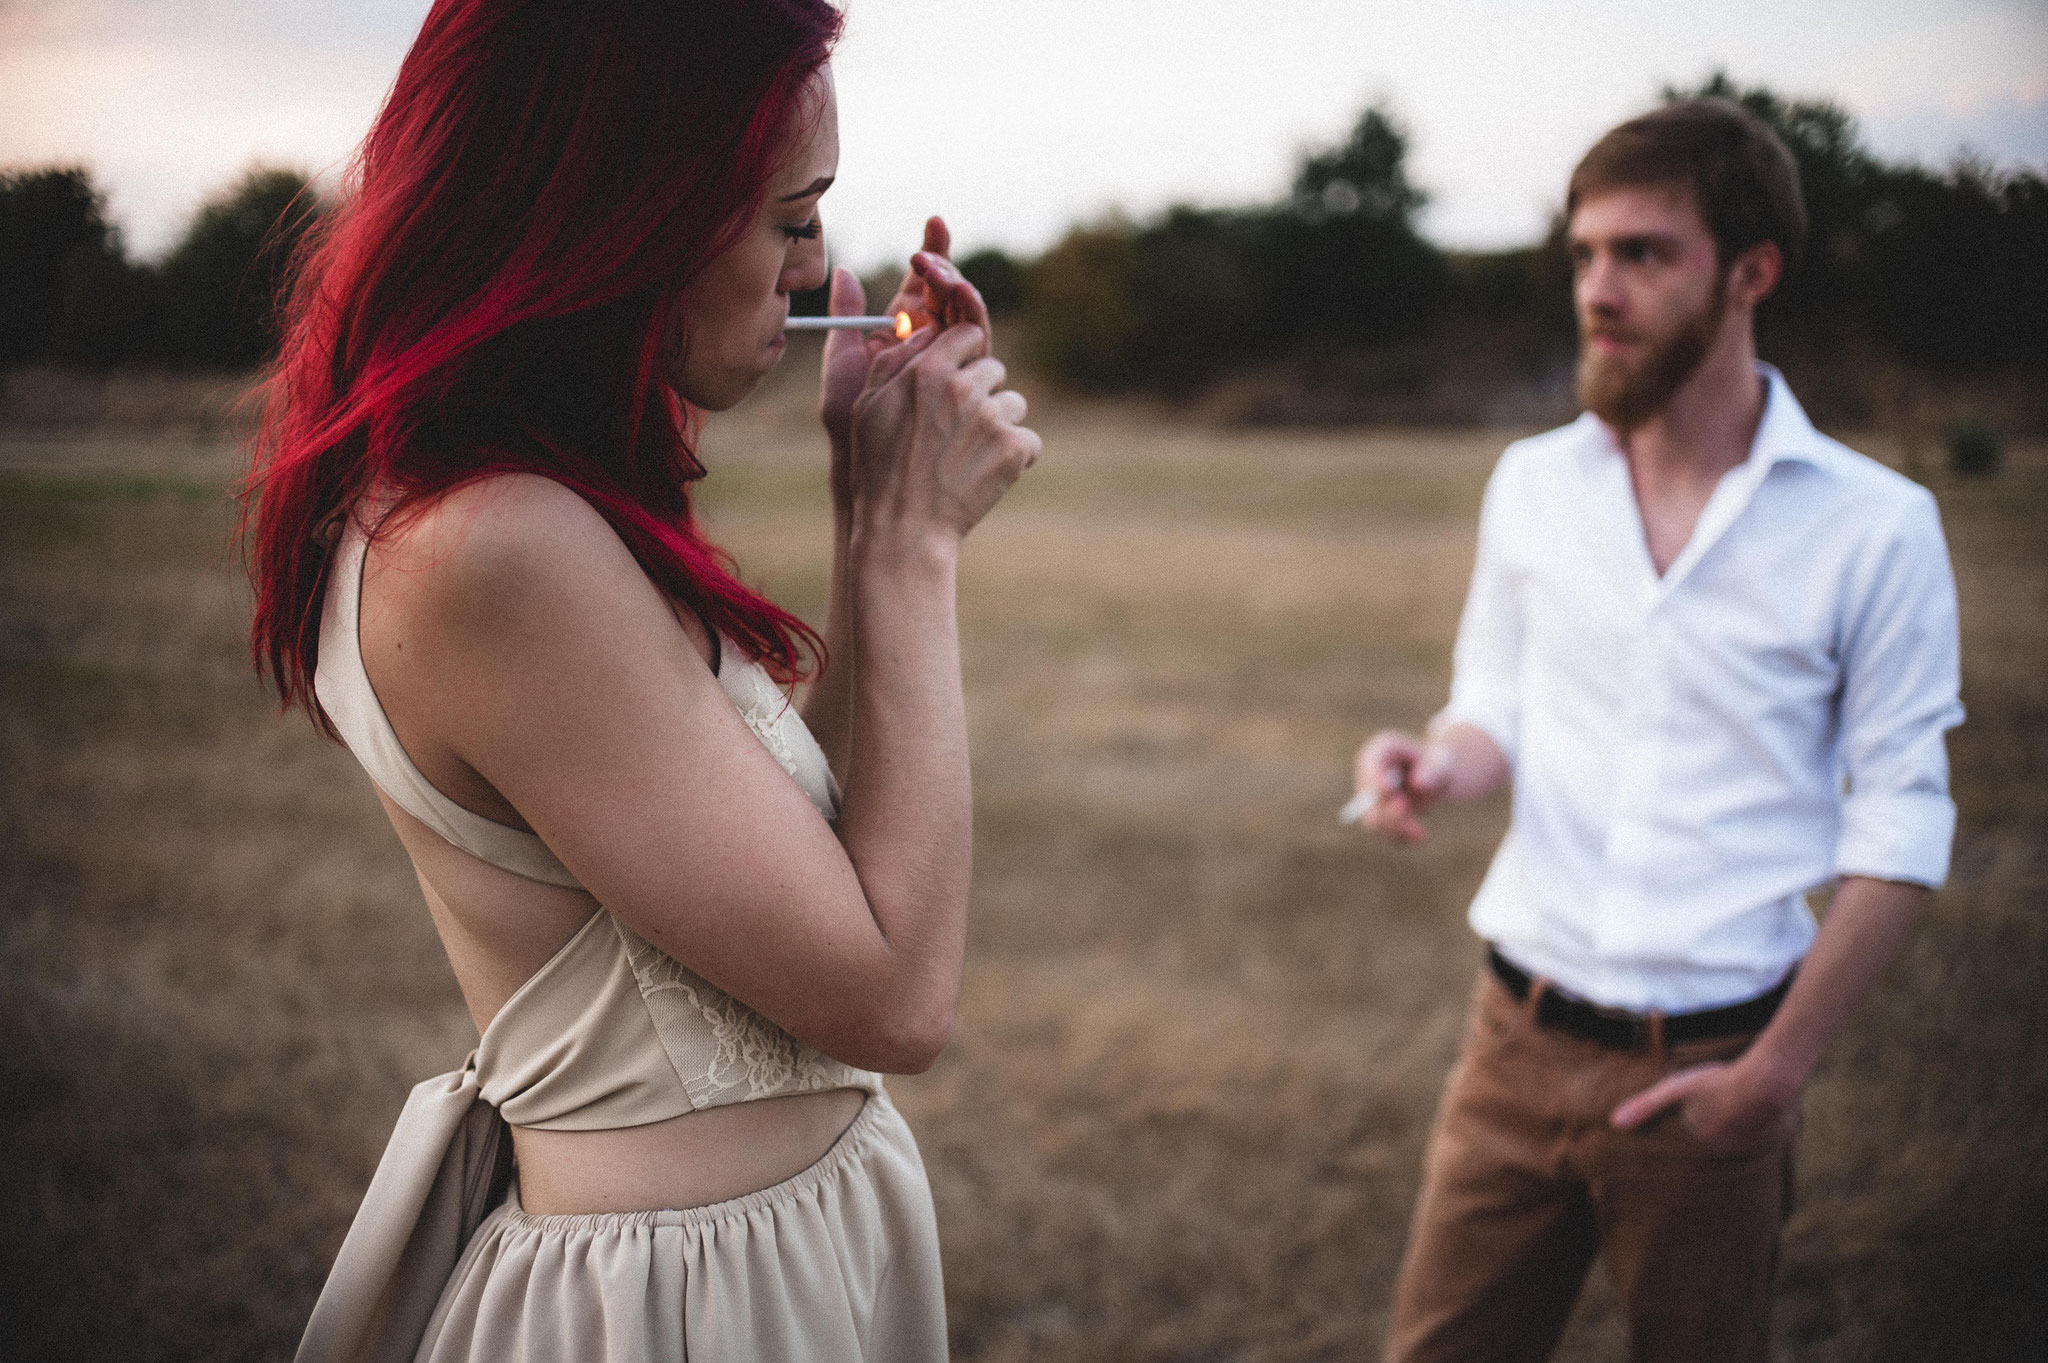 Salt & Pepper Photography: Hochzeitsfotografen, Dresden | Engagement Session von Mascha & Anton